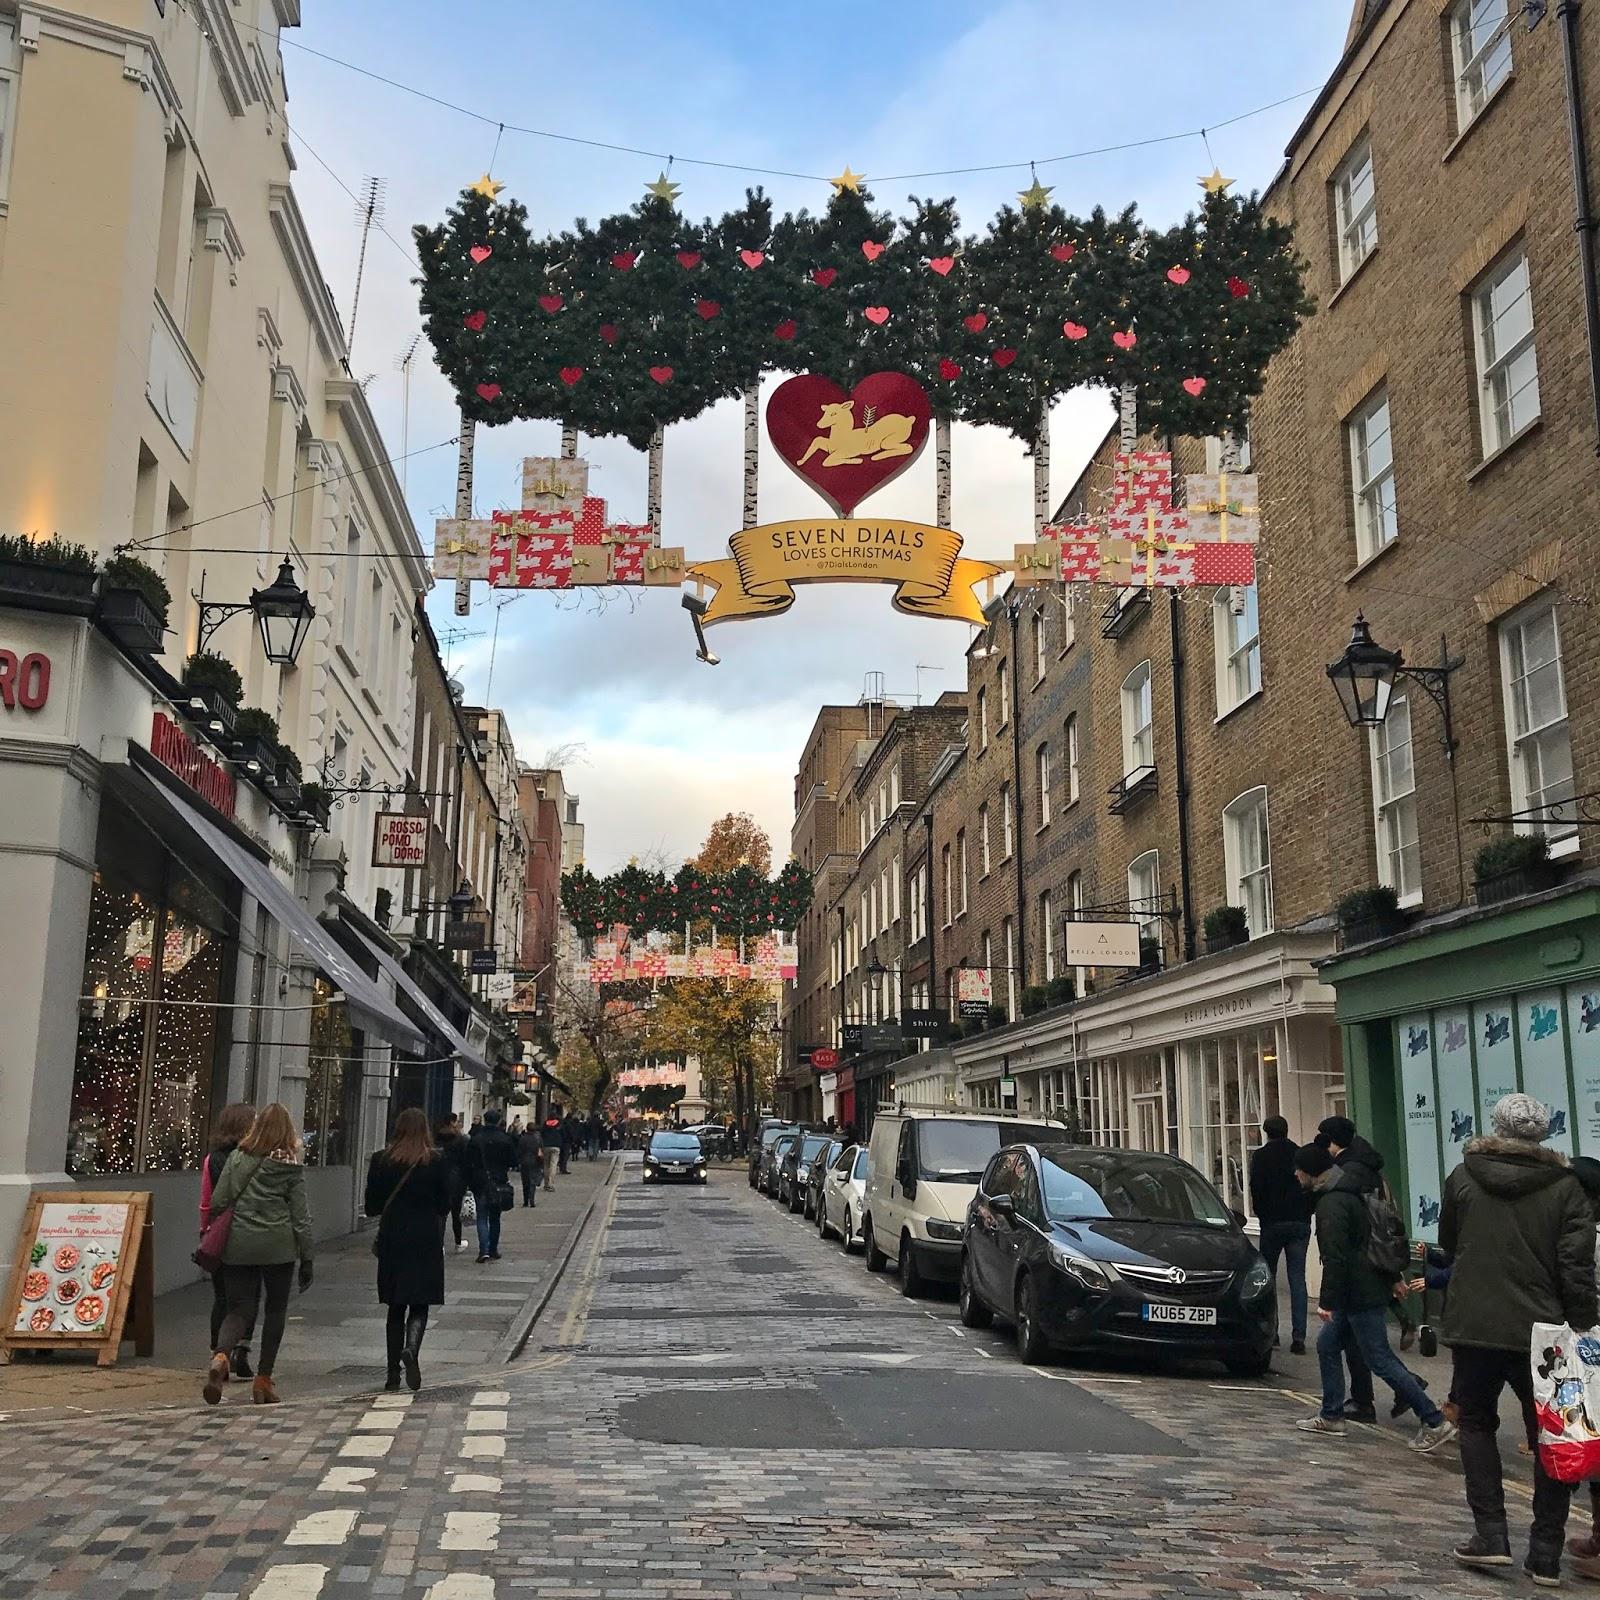 dekoracje zima londyn 2017